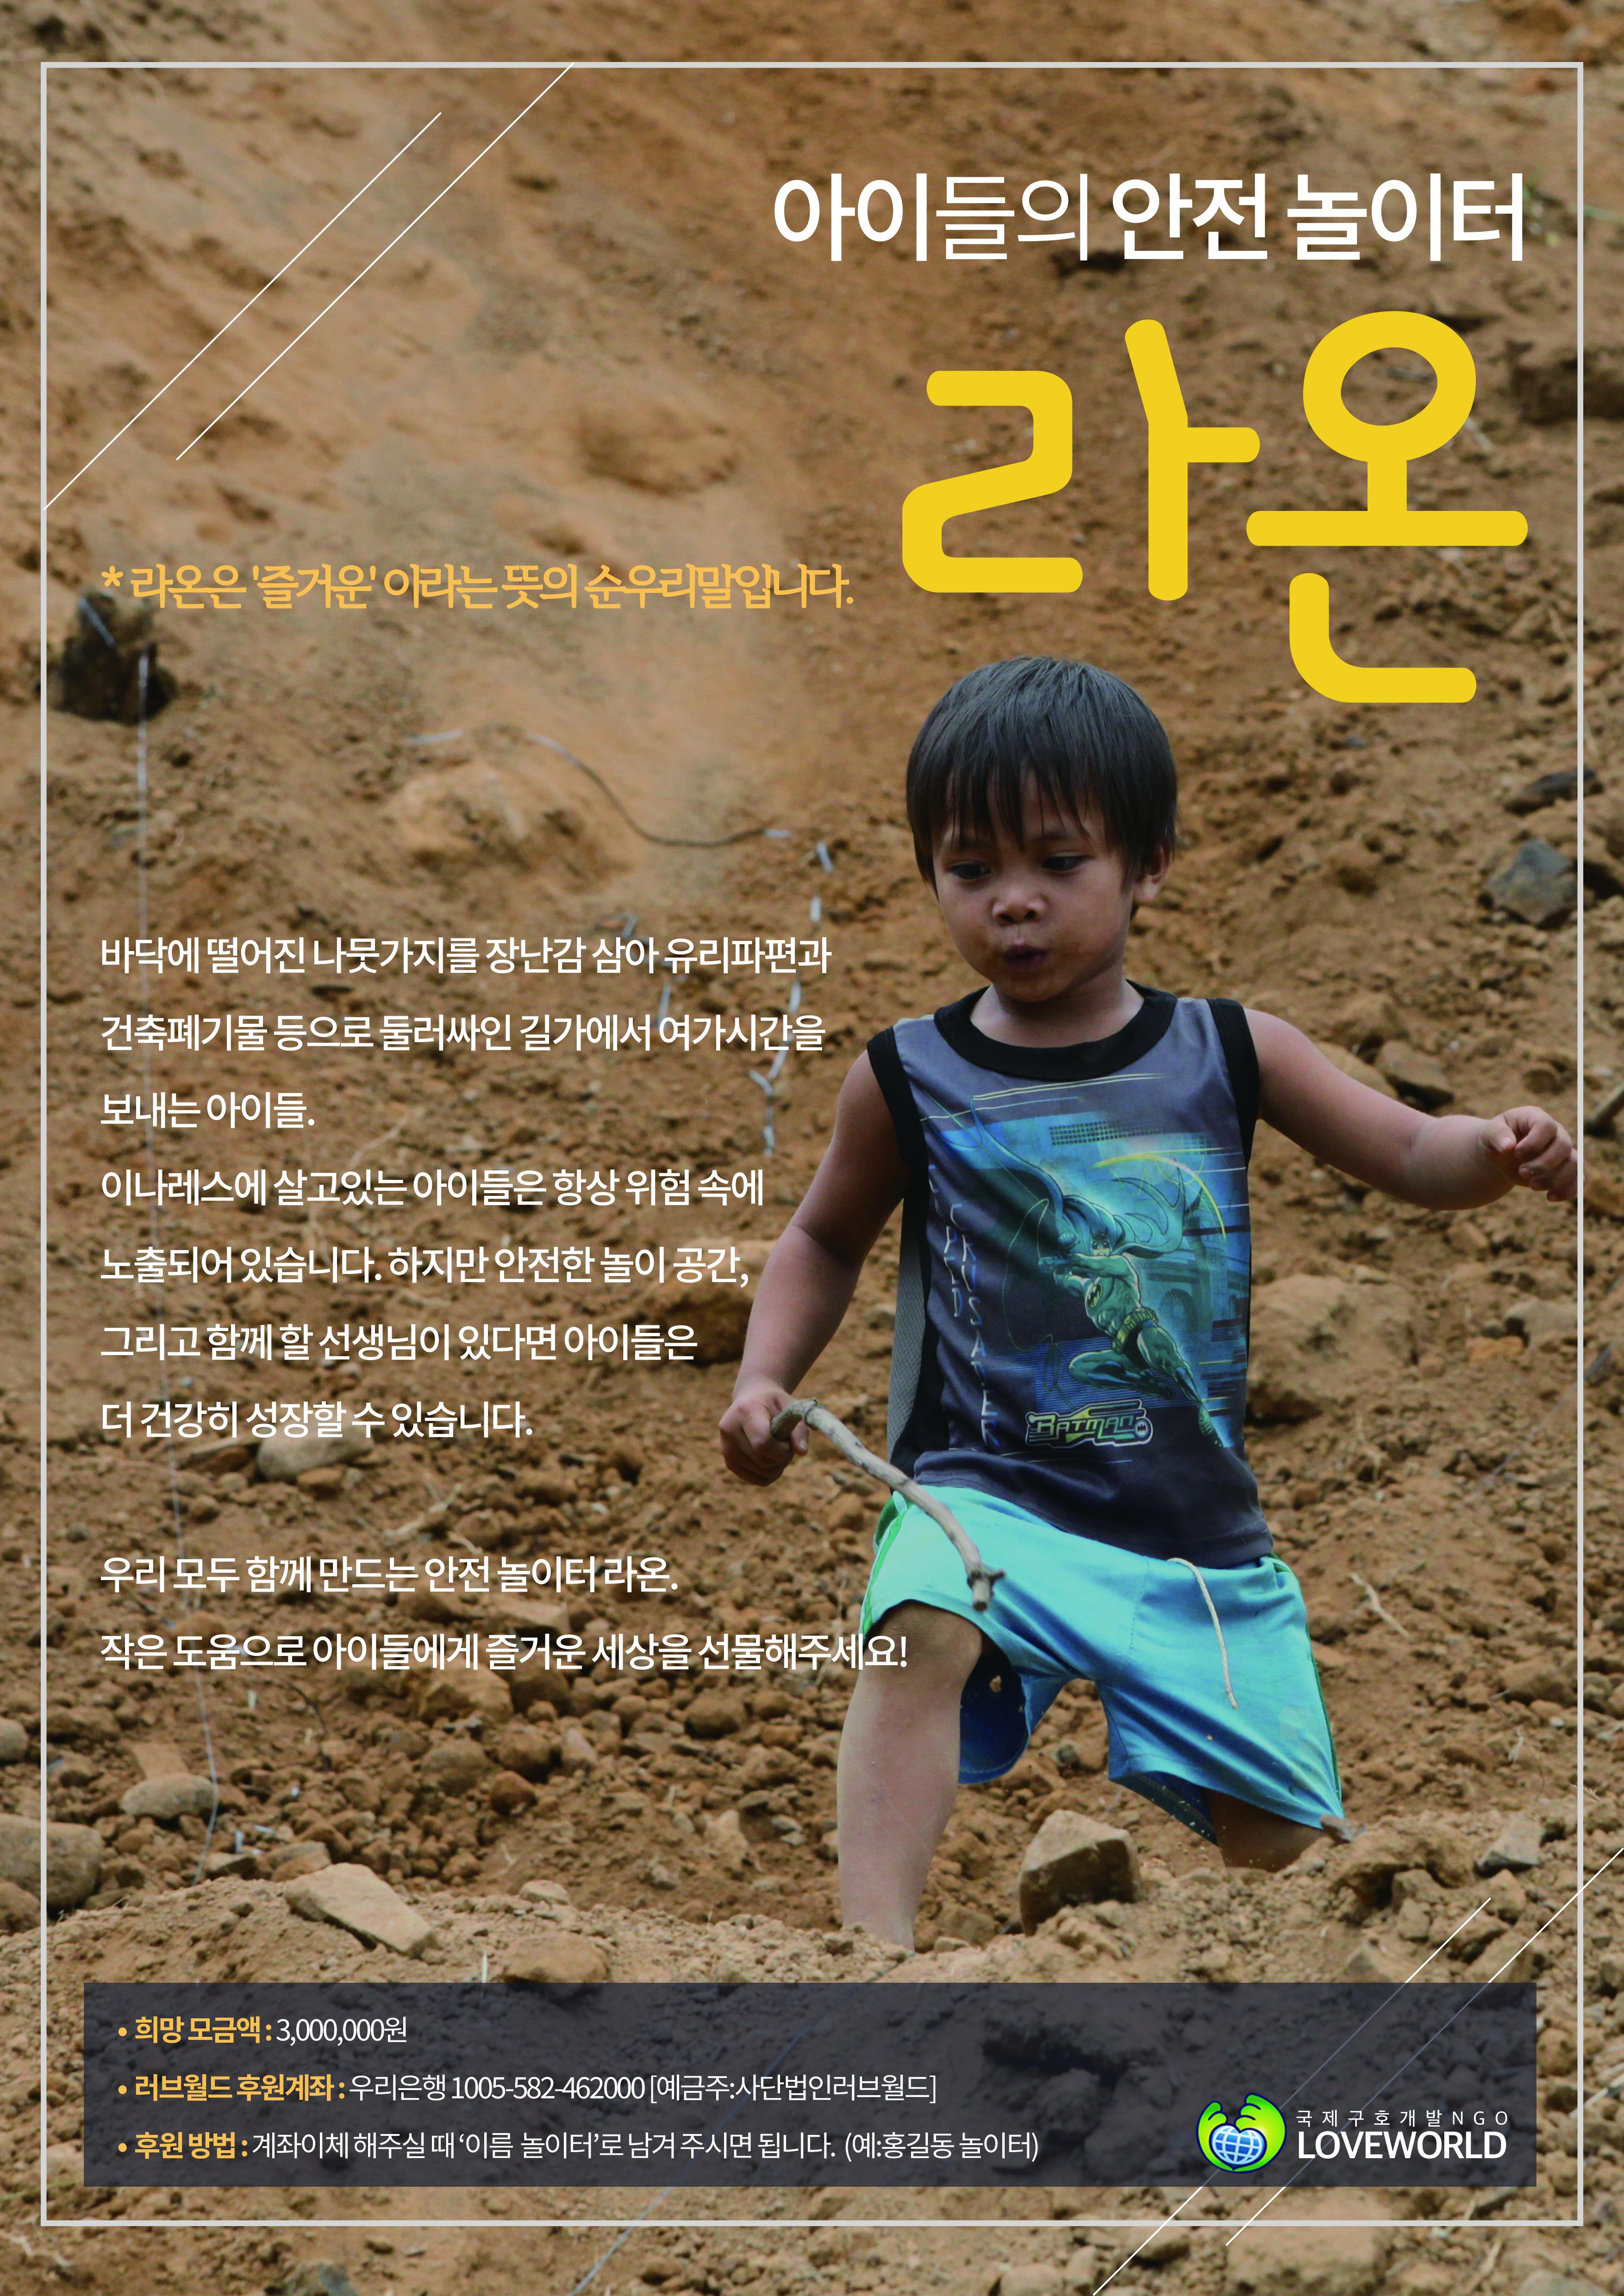 [캠페인]아이들의 안전놀이터 '라온'